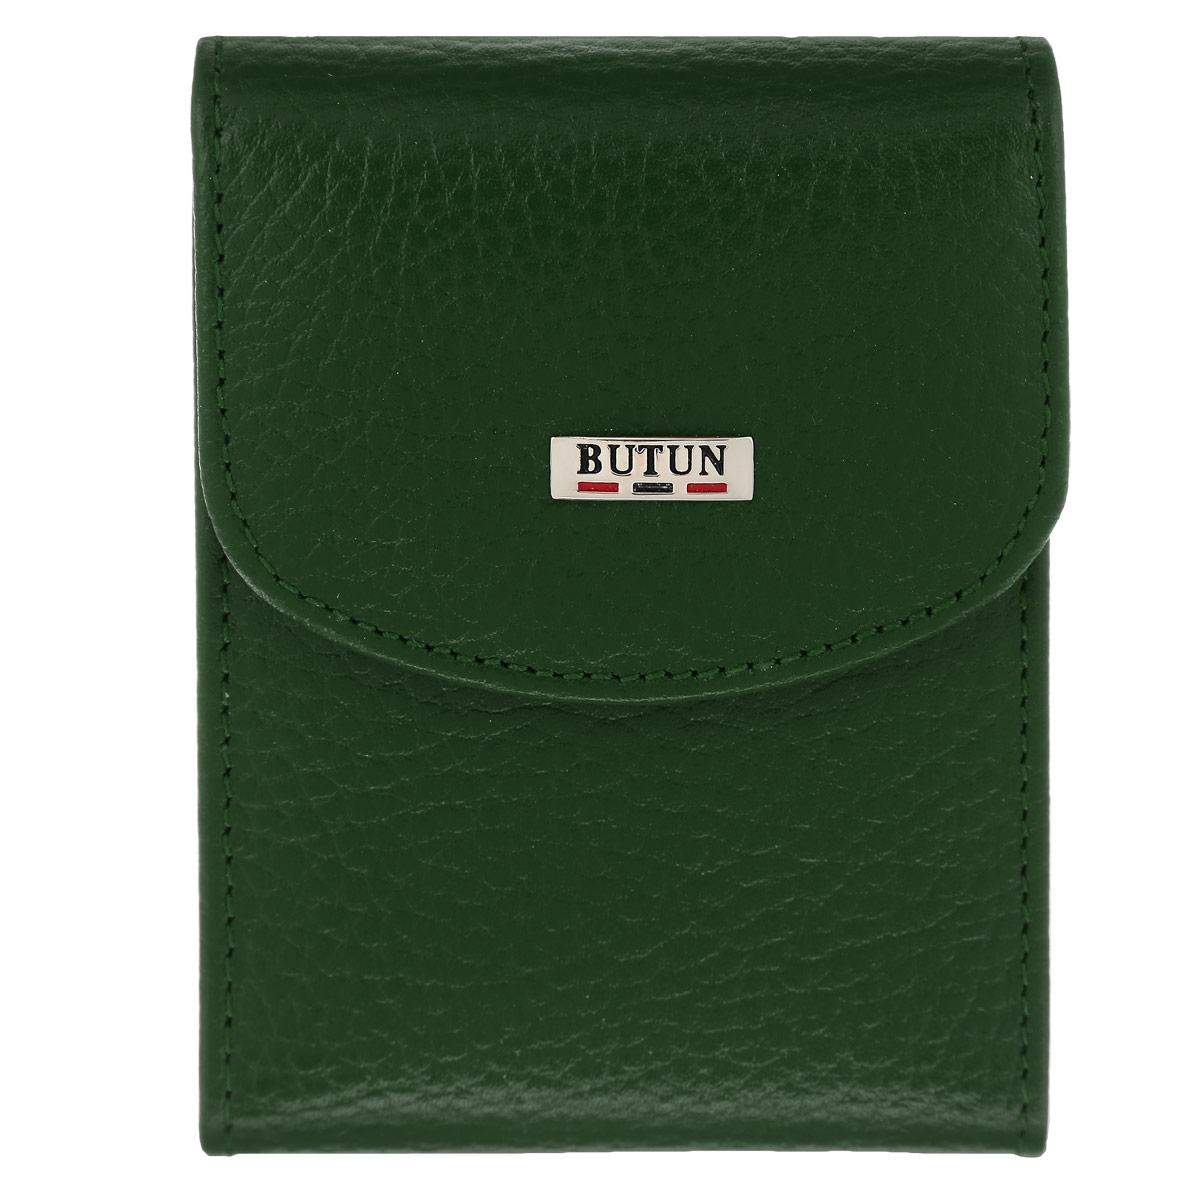 Футляр для визиток Butun, цвет: зеленый. 833-004 075 футляр для визиток winner 01